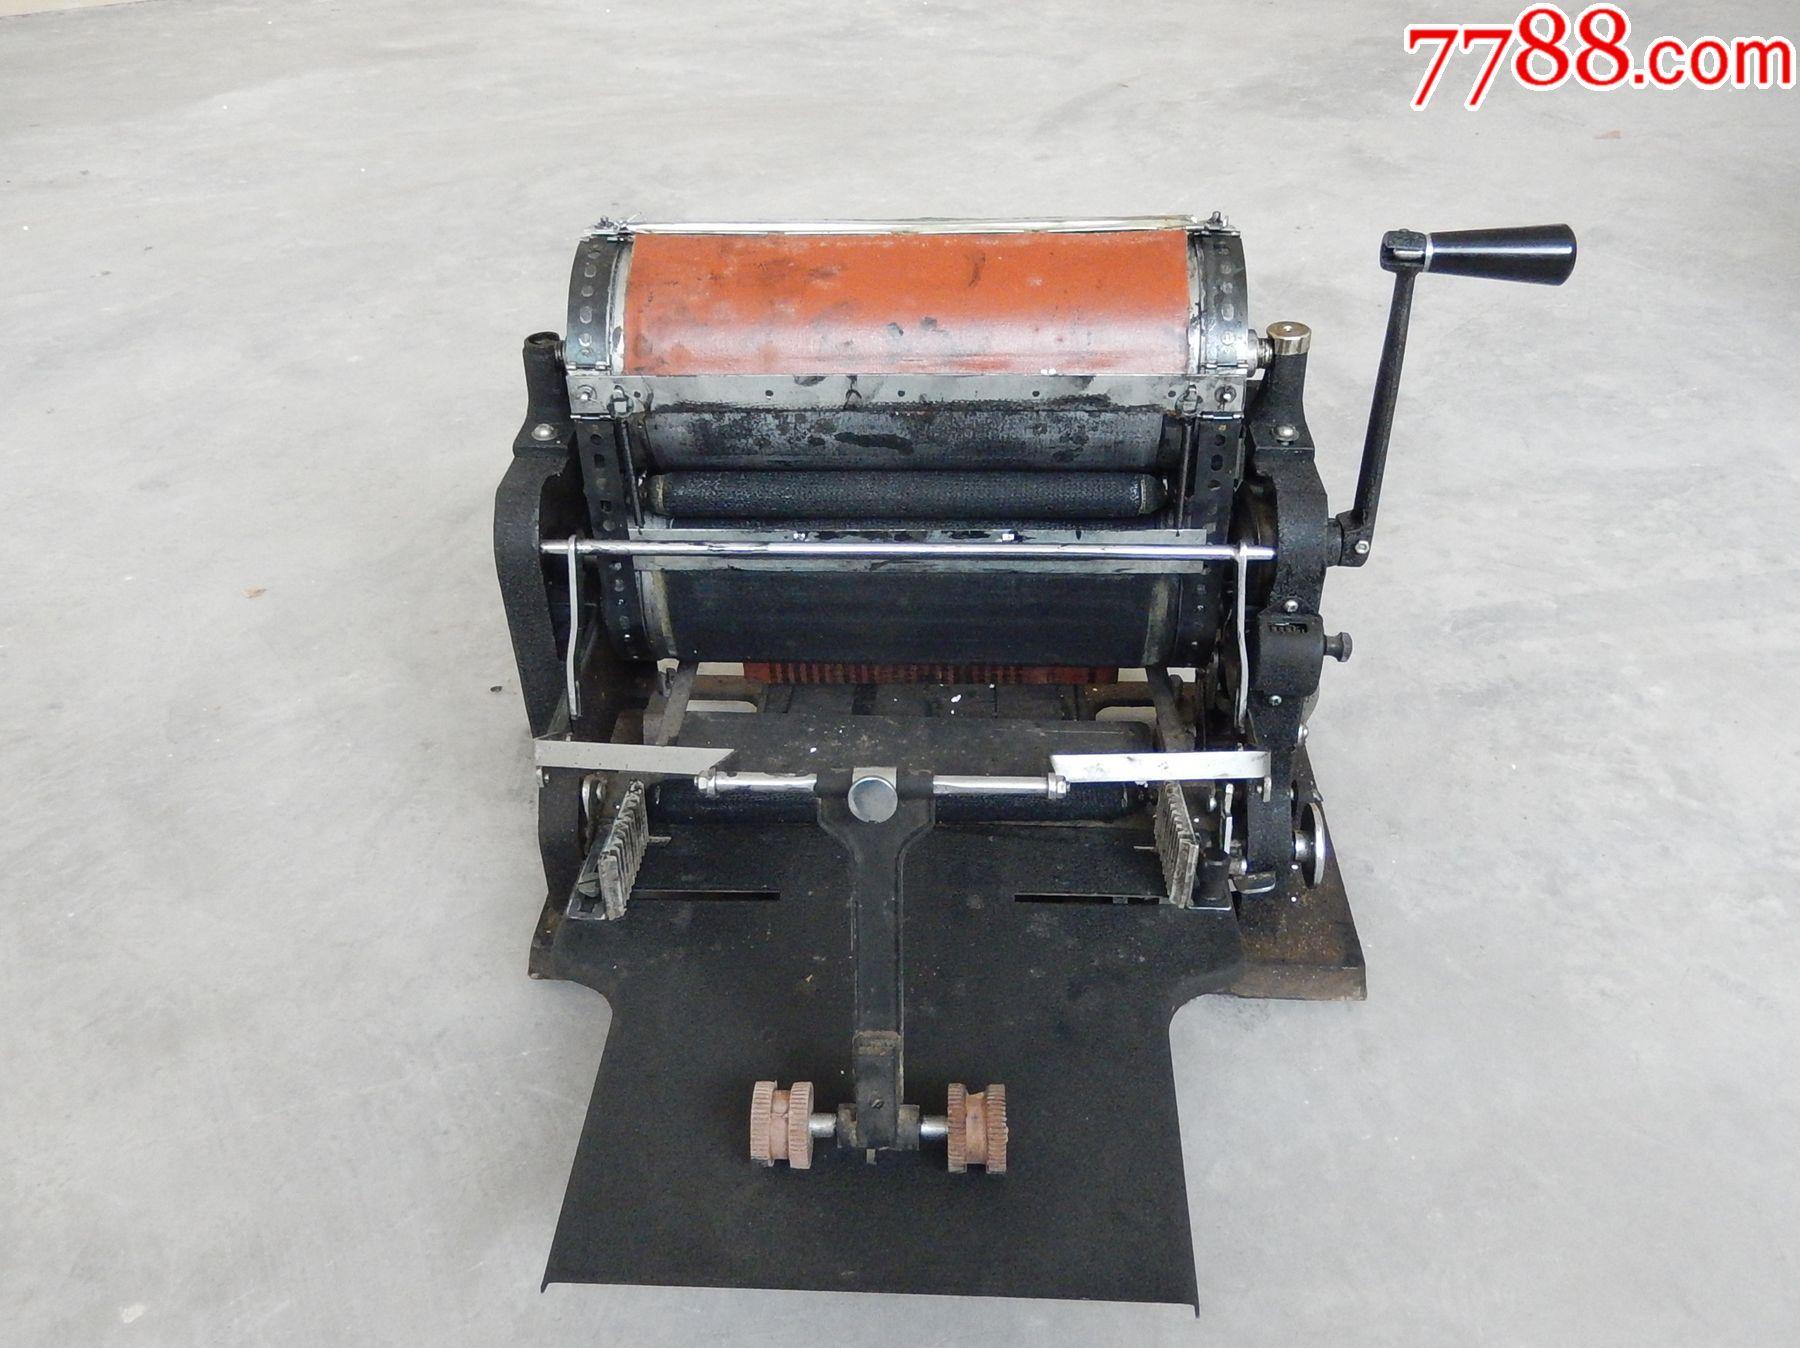 老印刷机、油印机老设备、长城牌21型速印机鸡蛋花头花图片